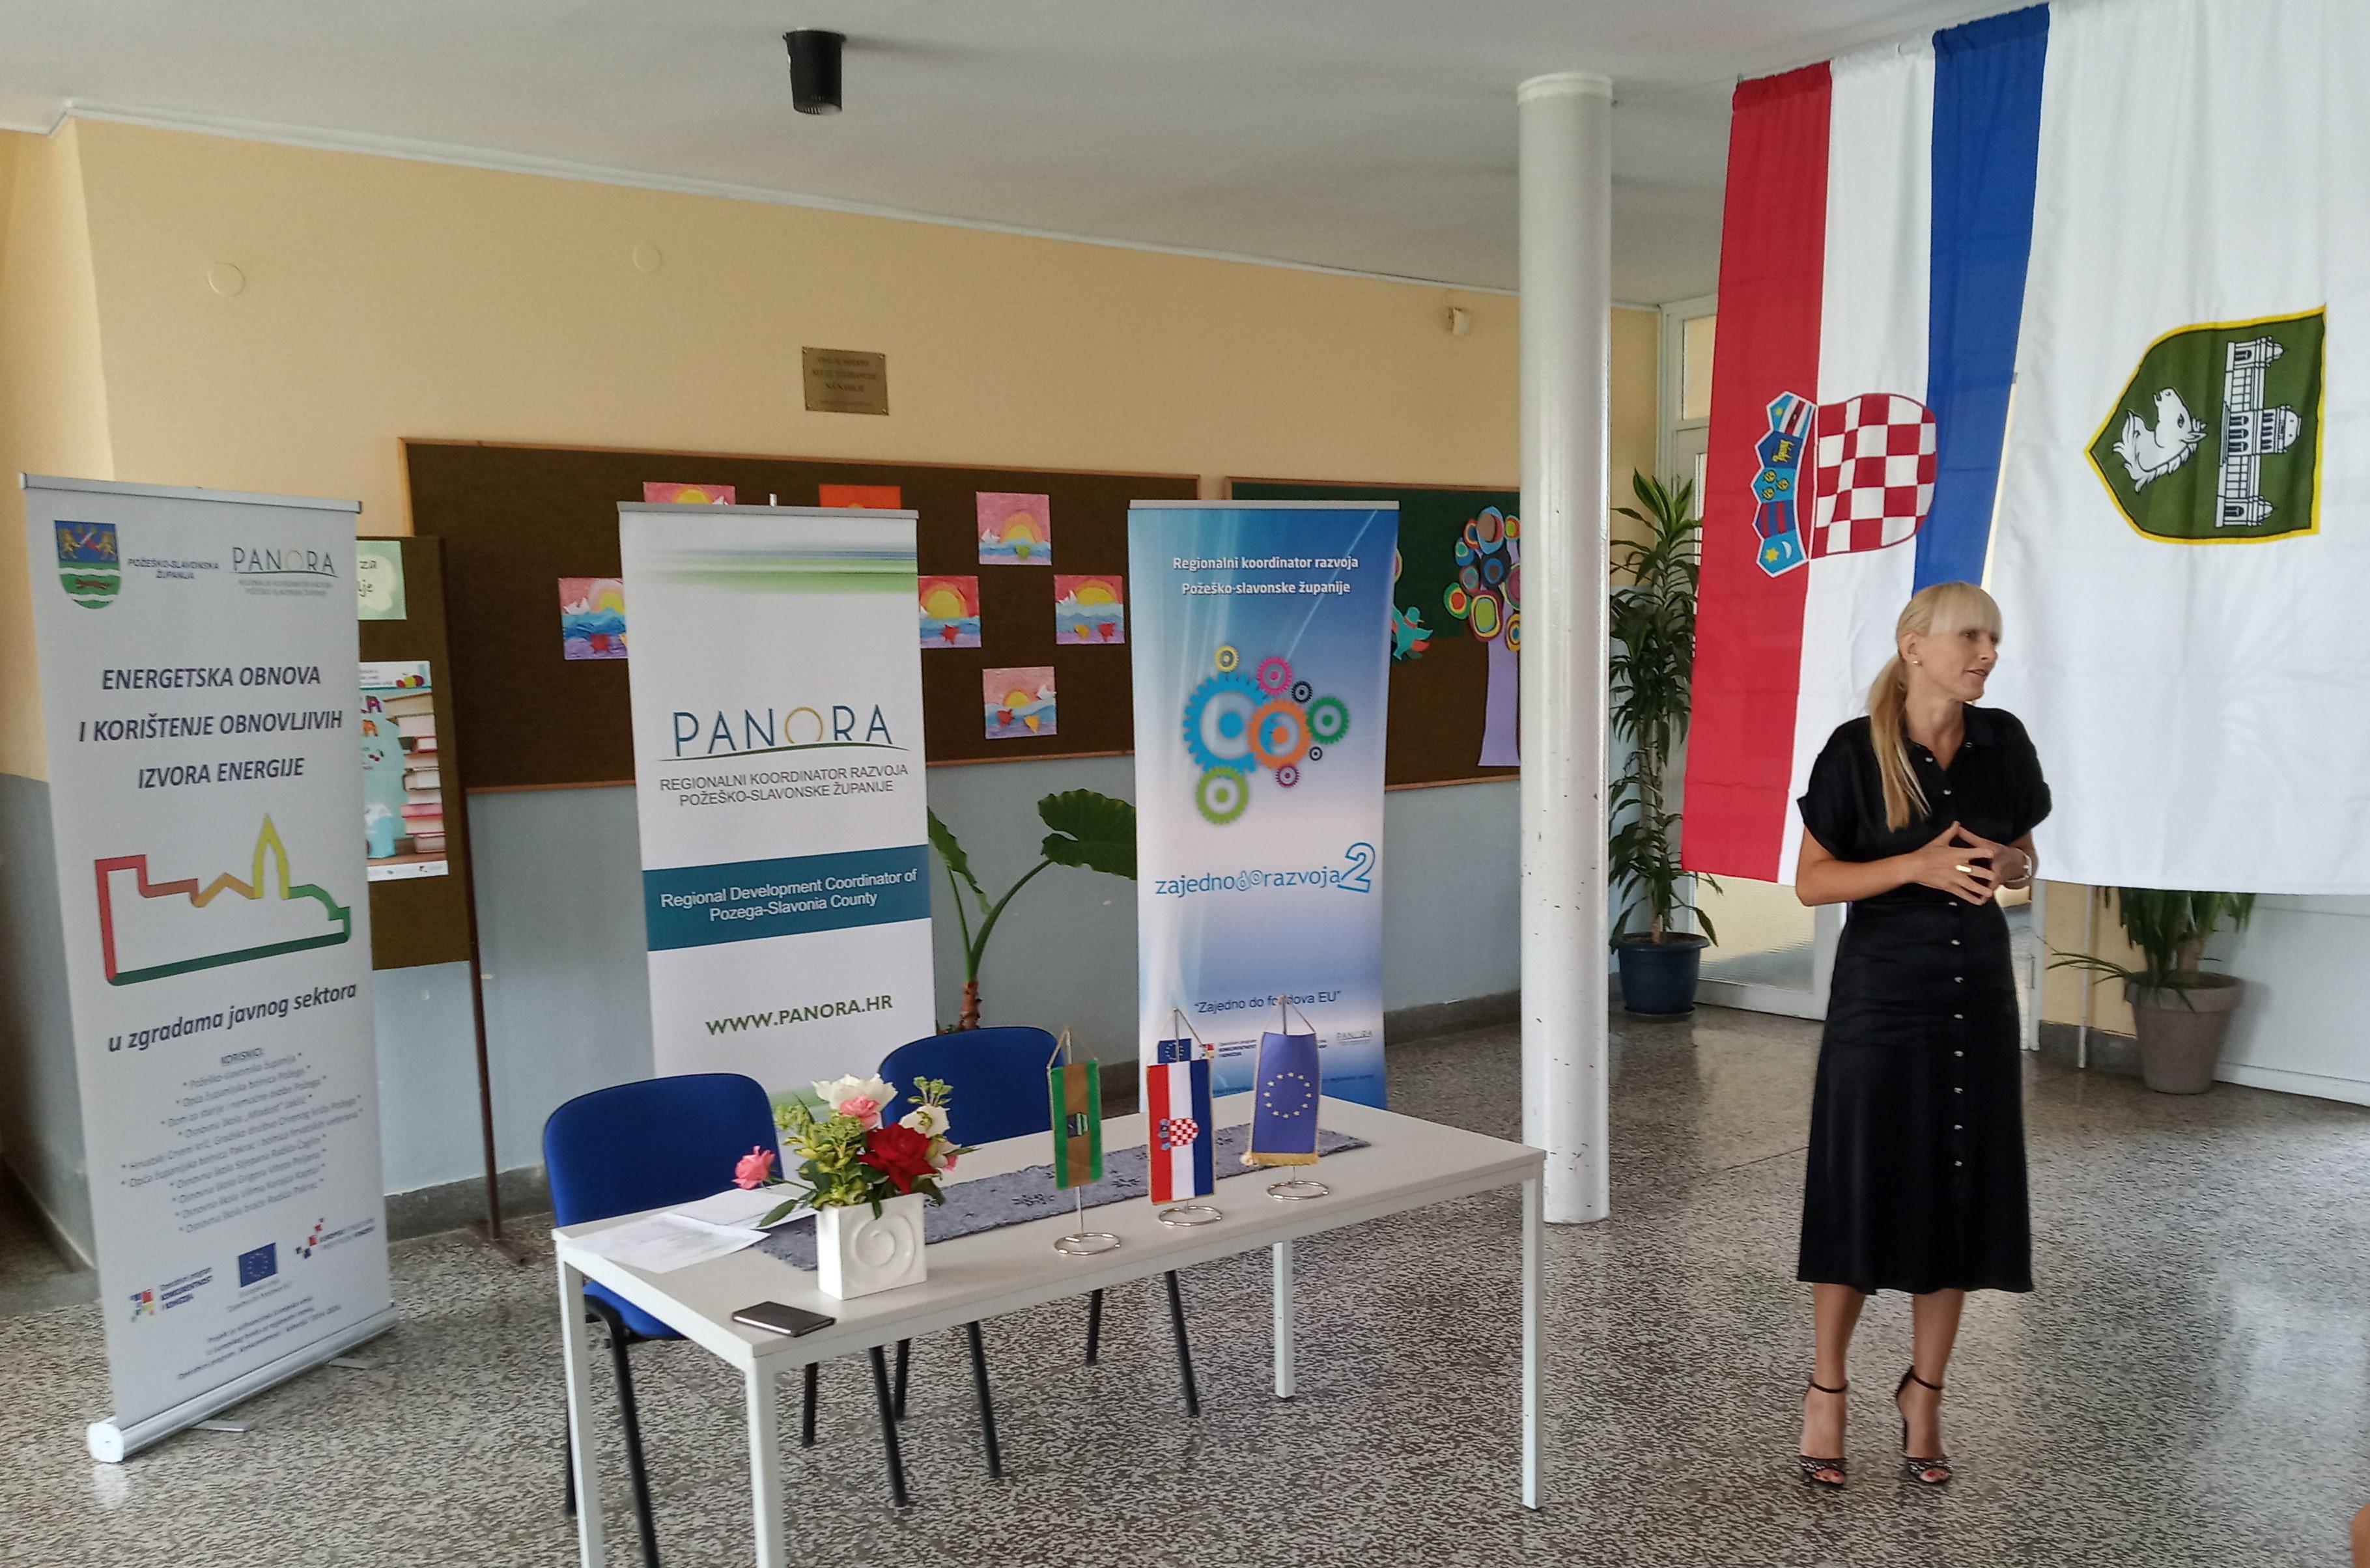 Pročelnica Upravnog odjela Požeško-slavonske županije, Sandra Sekulić Pojer